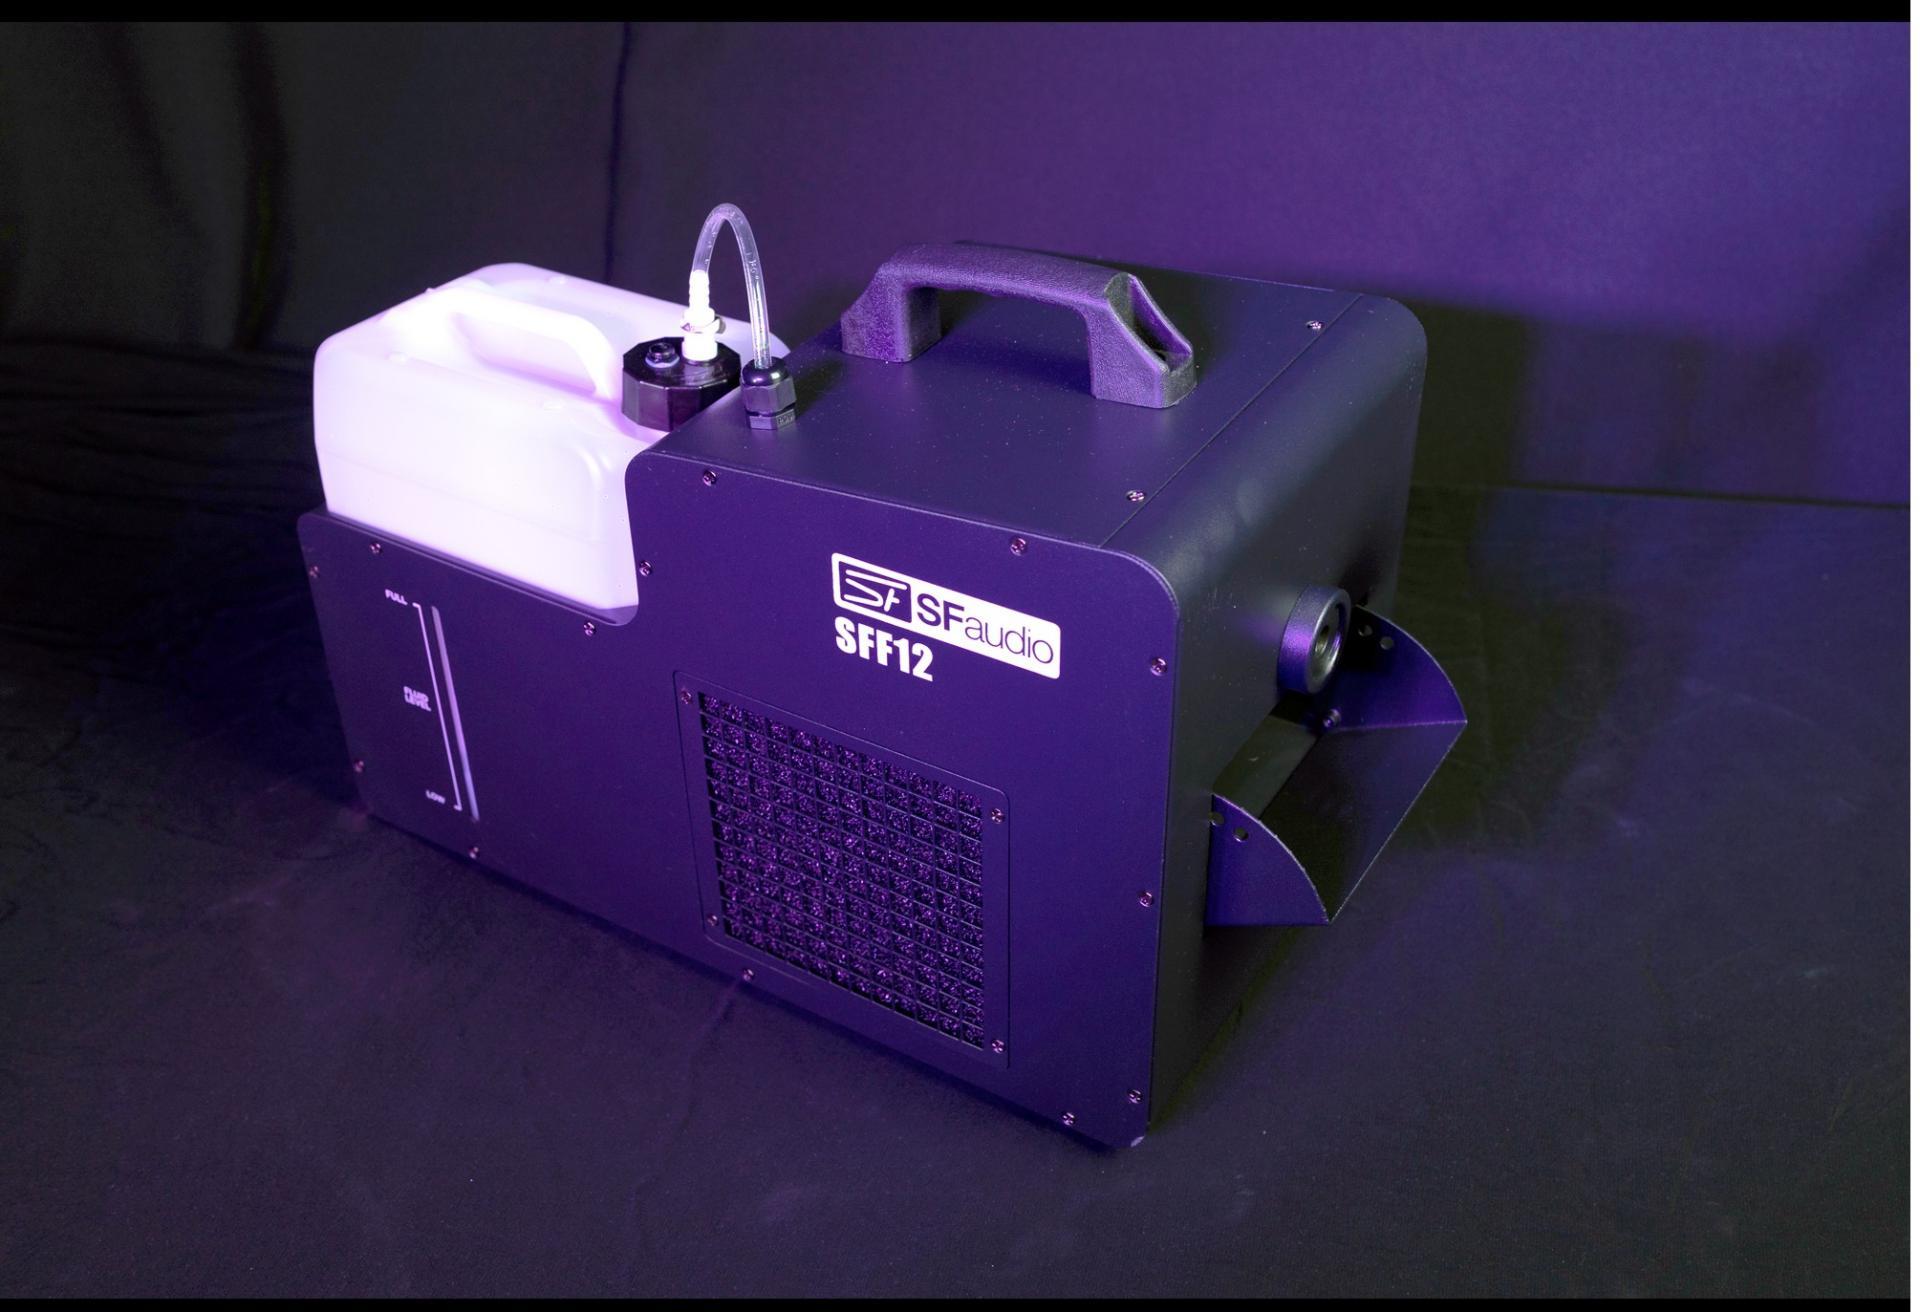 SfAudio Sff12 Máquina de Niebla